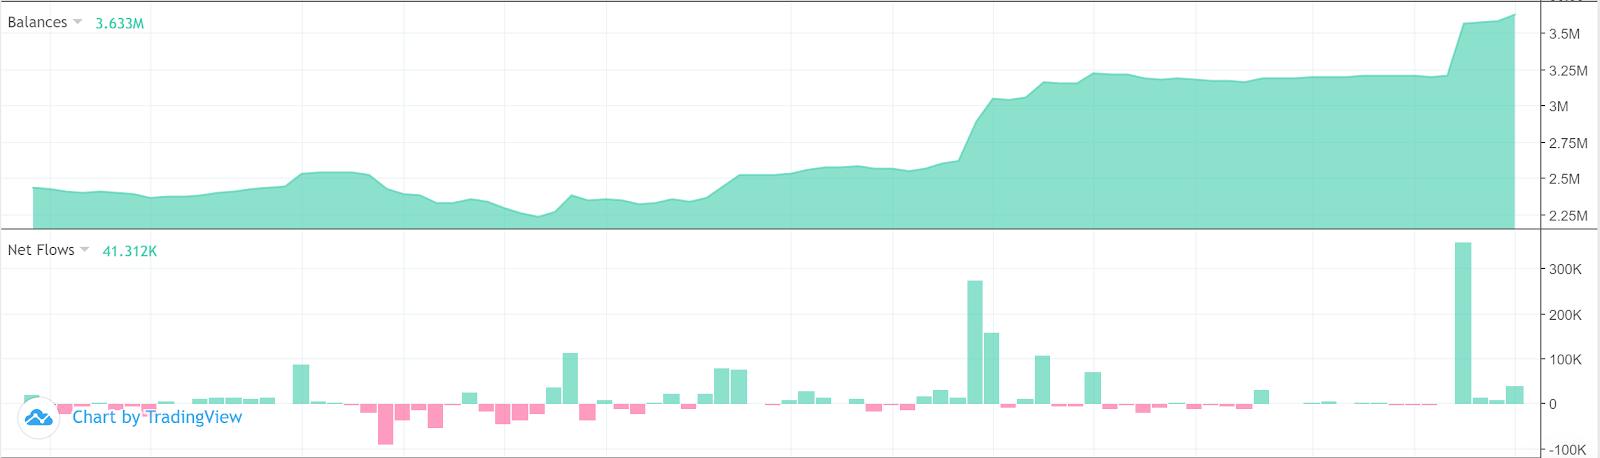 Bilancio in ETH di Bitfinex